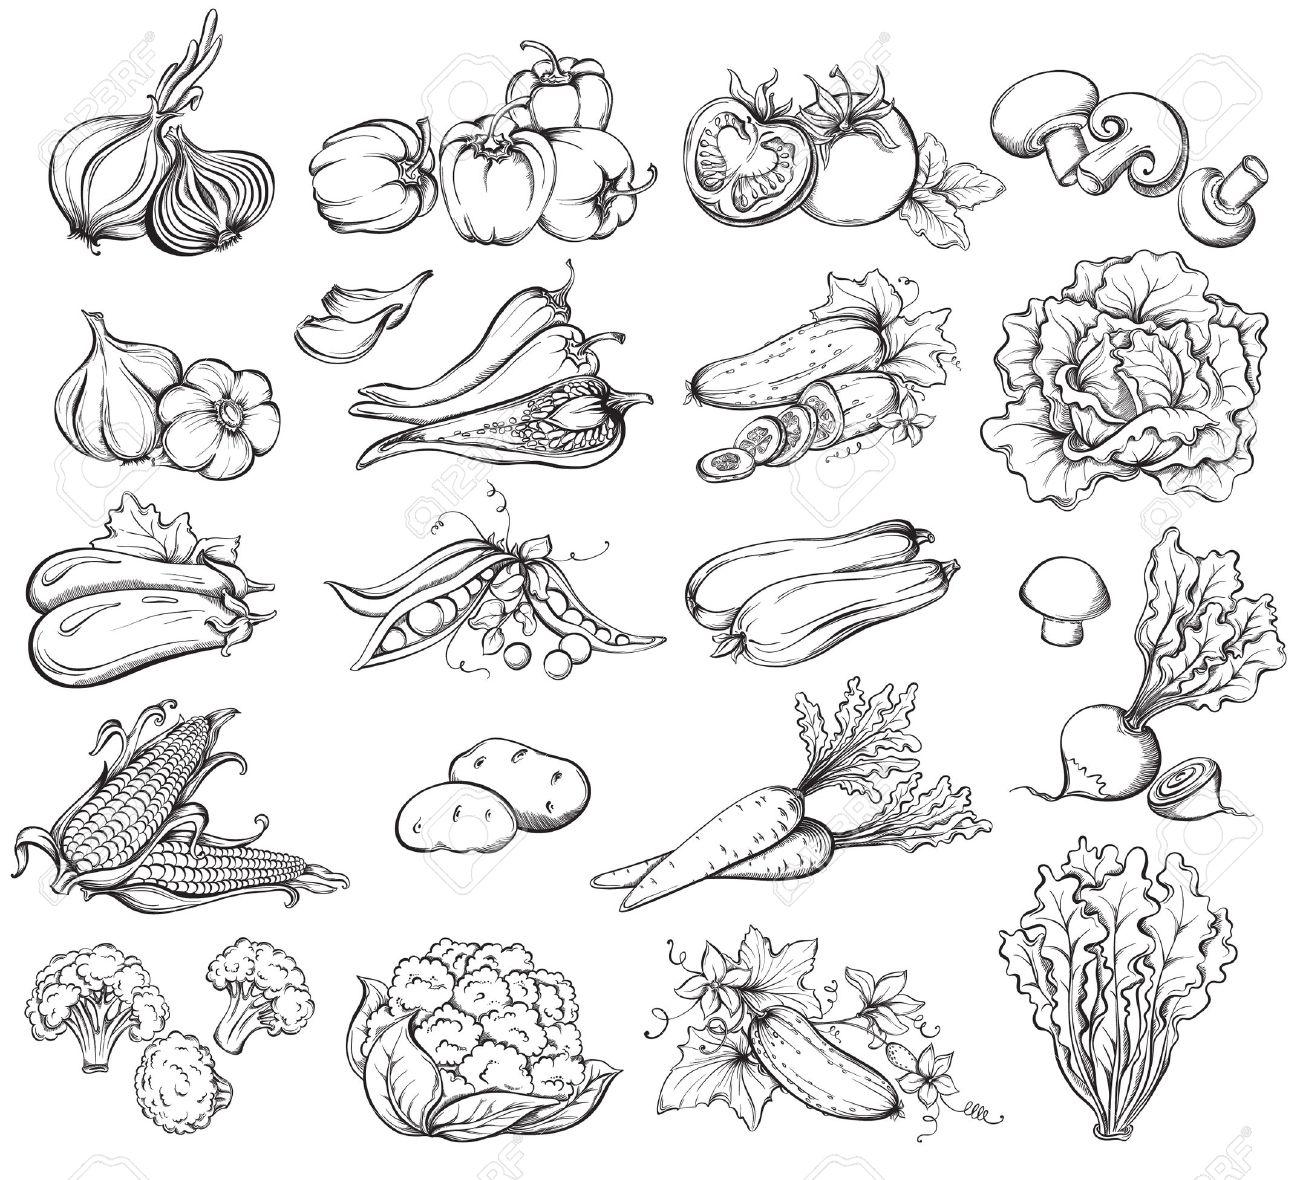 Hand Drawn Vegetables Set. Collection of Vegetables sketch. Vector illustration - 35652467